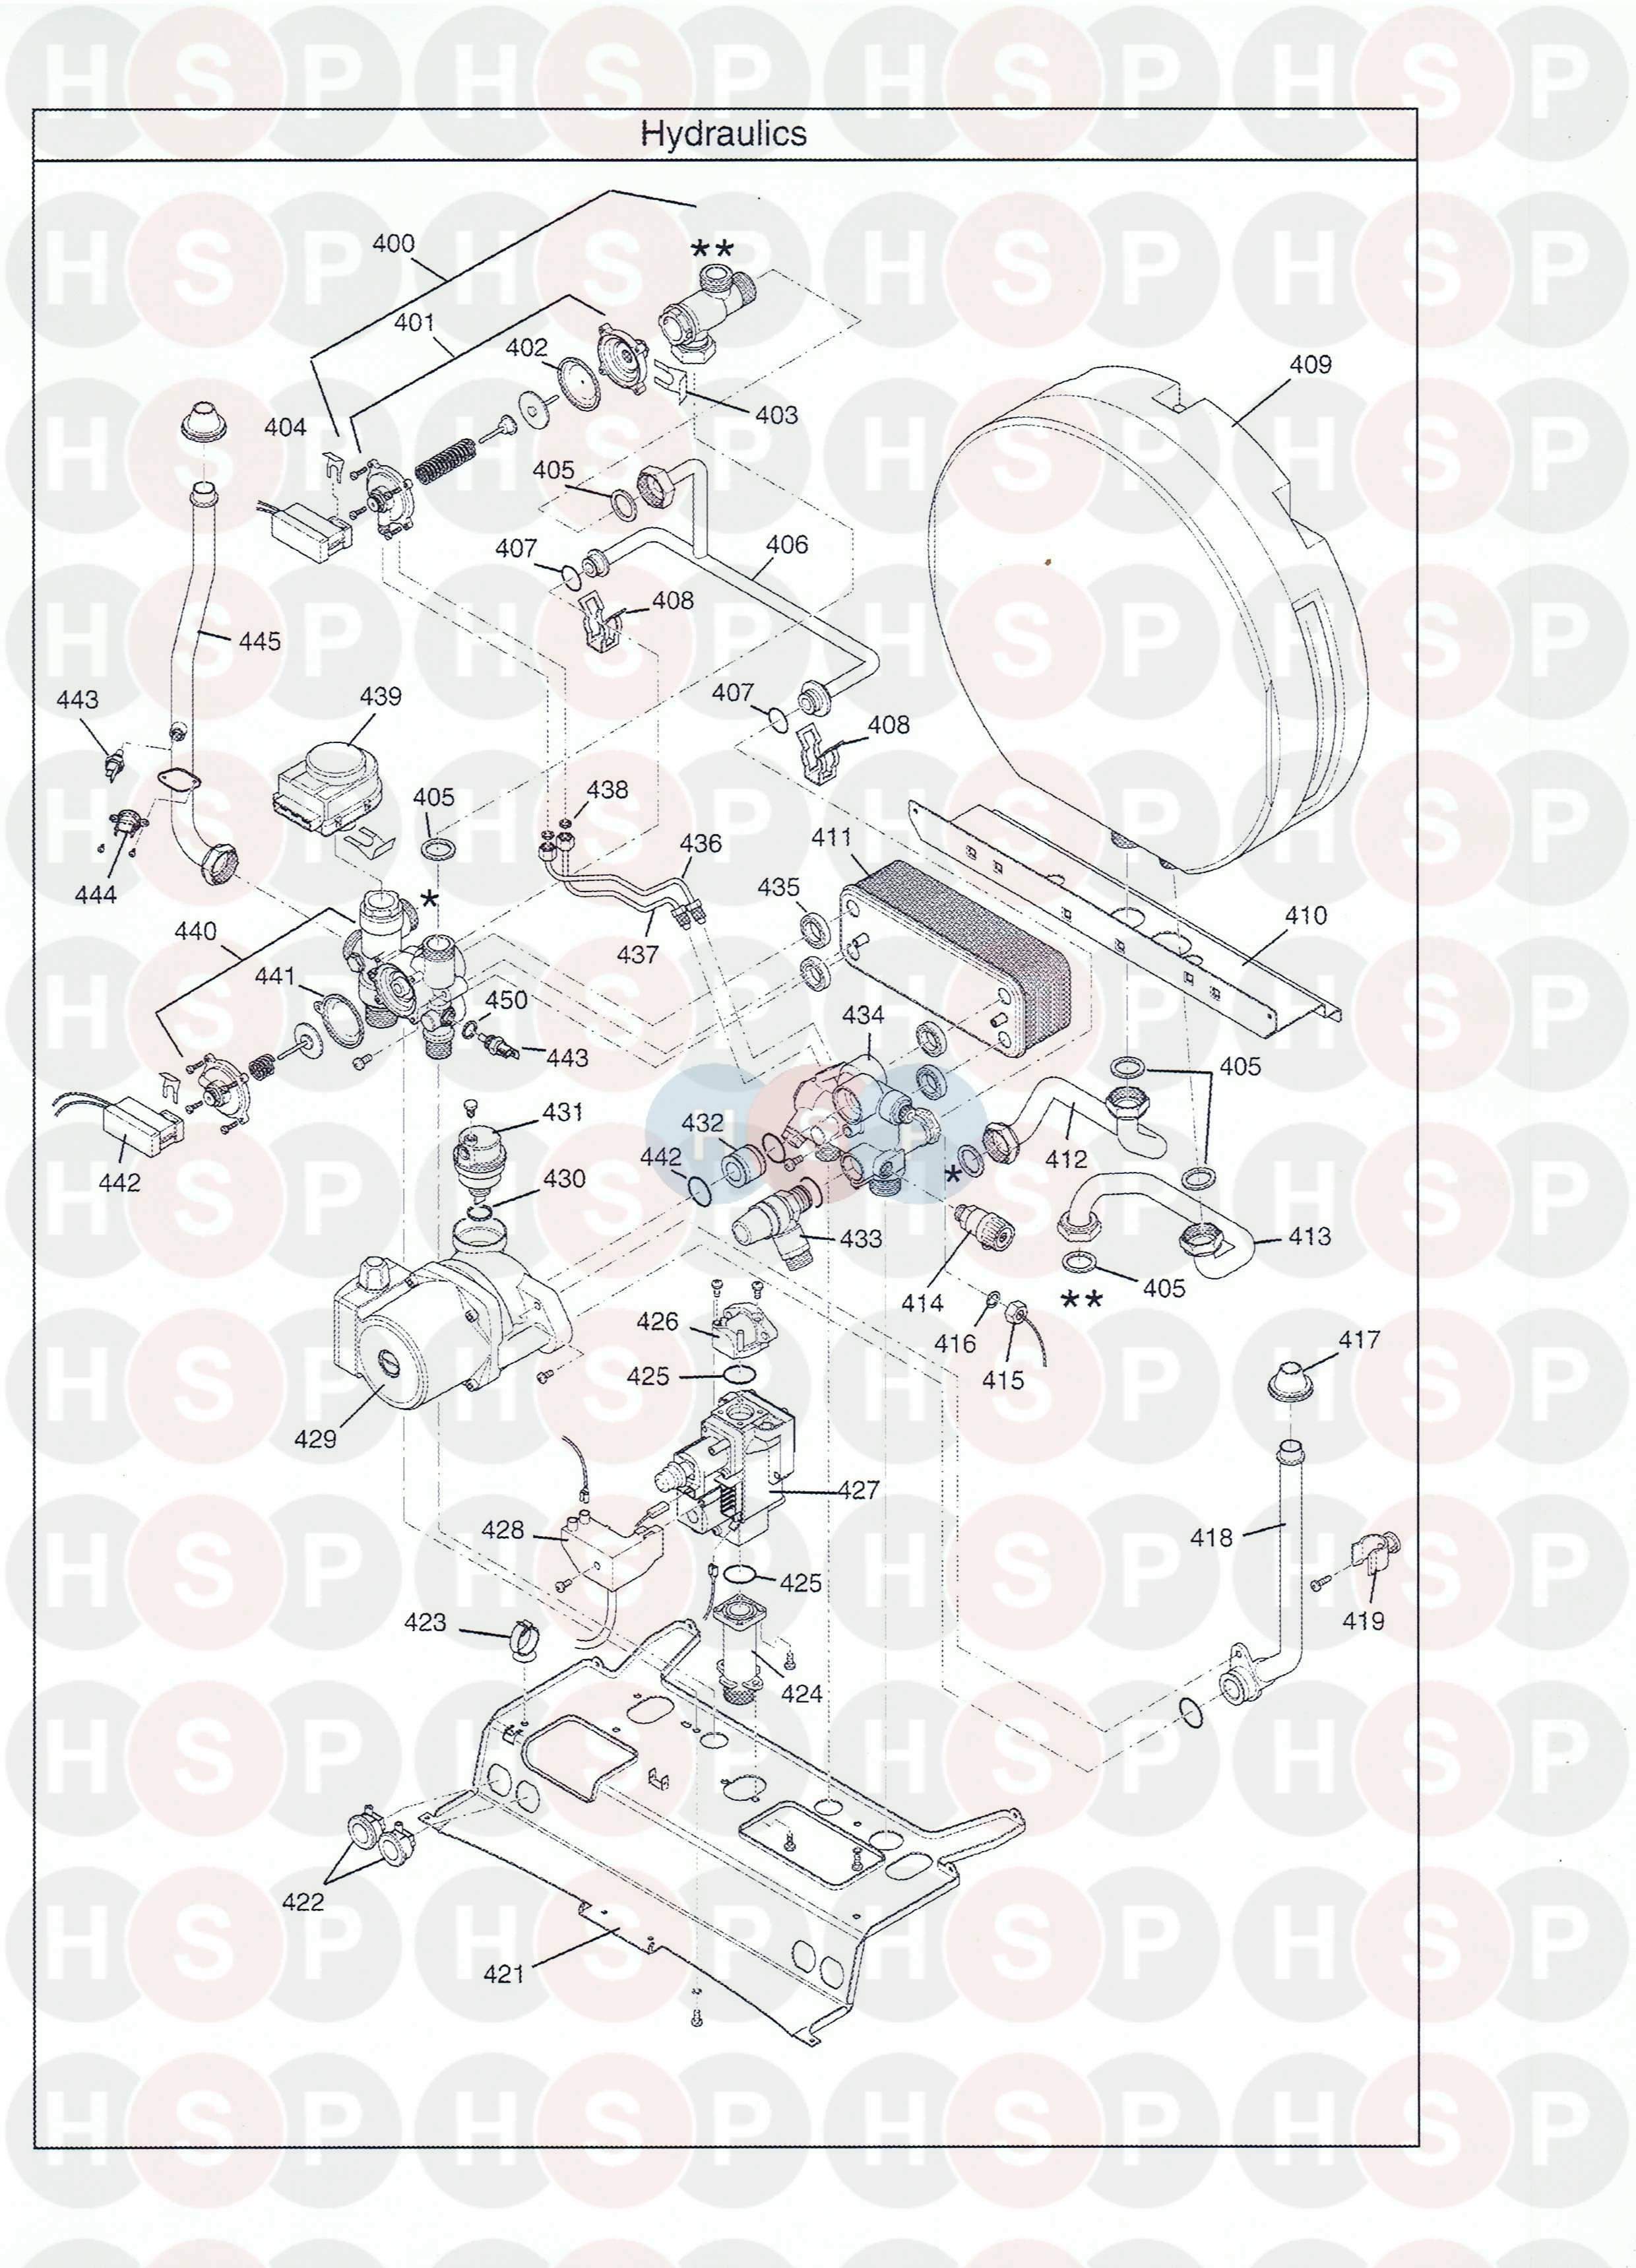 baxi combi instant 105e he  hydraulics  diagram